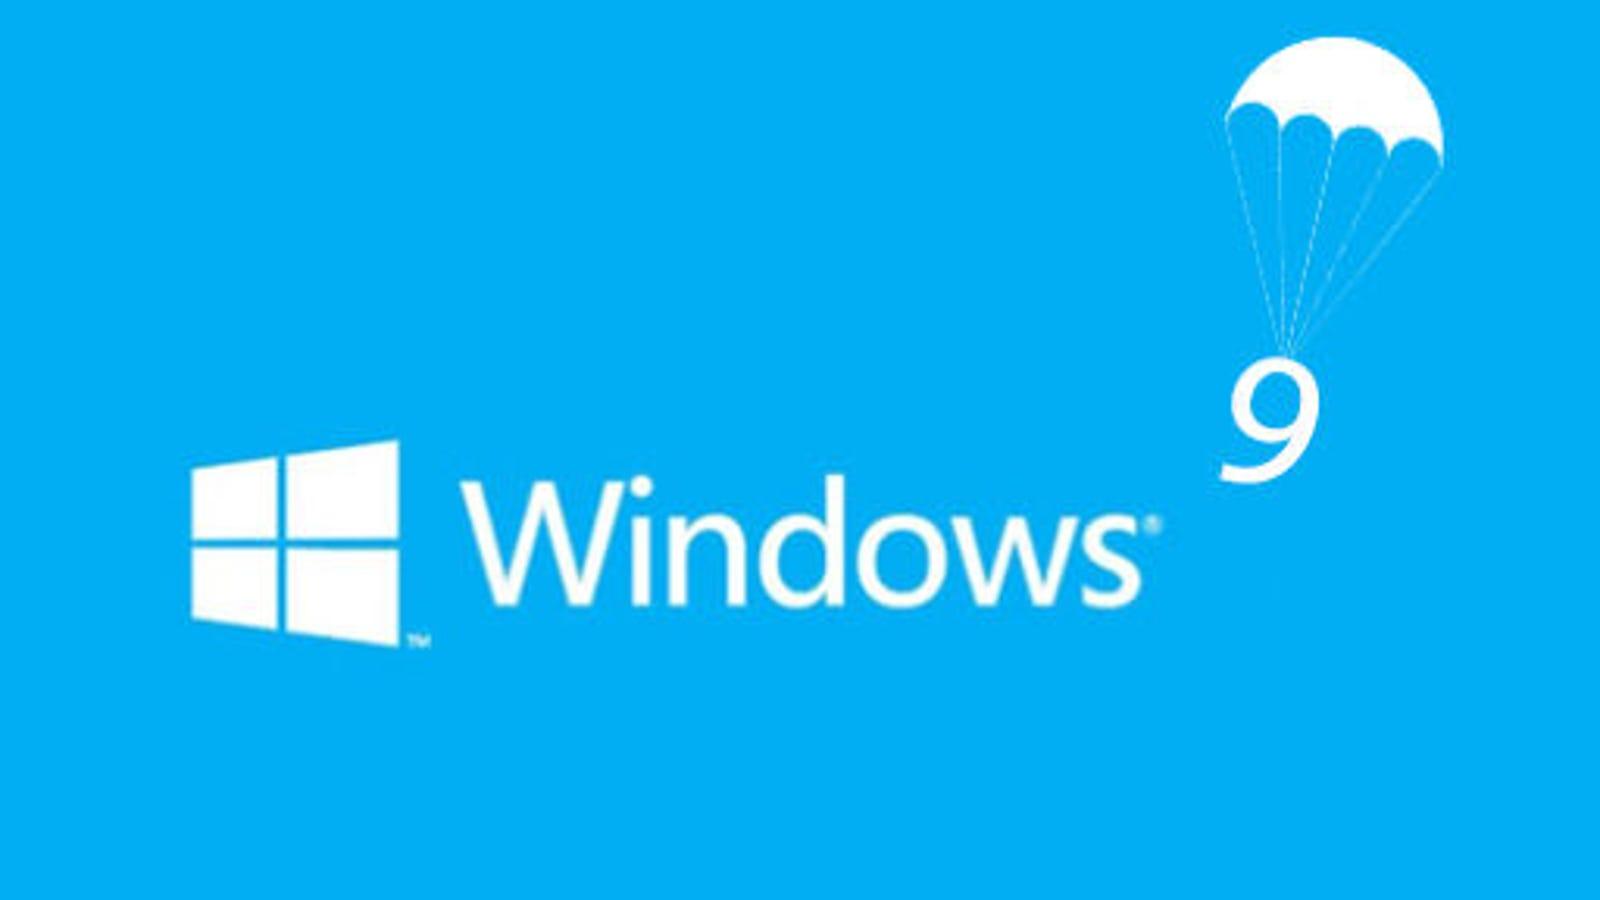 Llega Windows 9: todo lo que se conoce sobre el nuevo sistema operativo